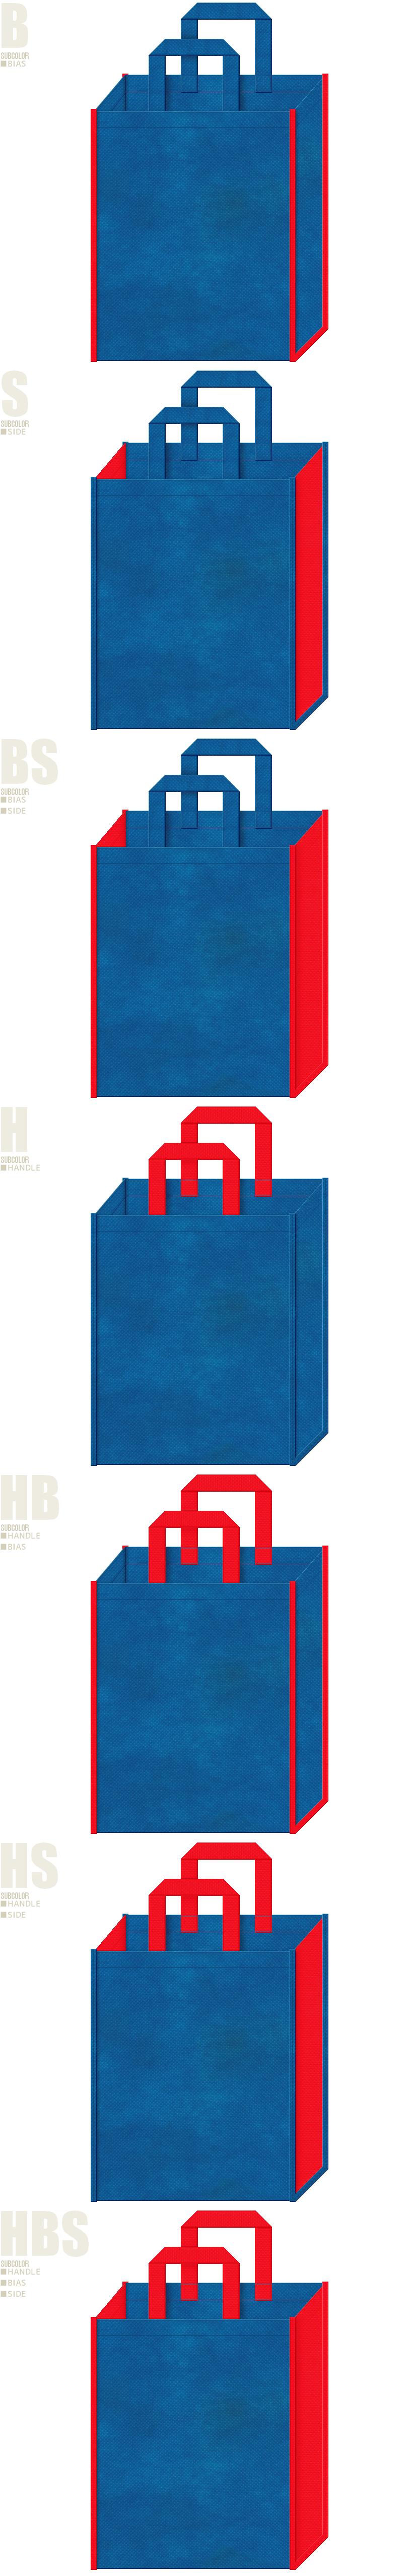 テーマパーク・おもちゃのバッグノベルティにお奨めの青色と赤色-7パターンの不織布トートバッグ配色デザイン例